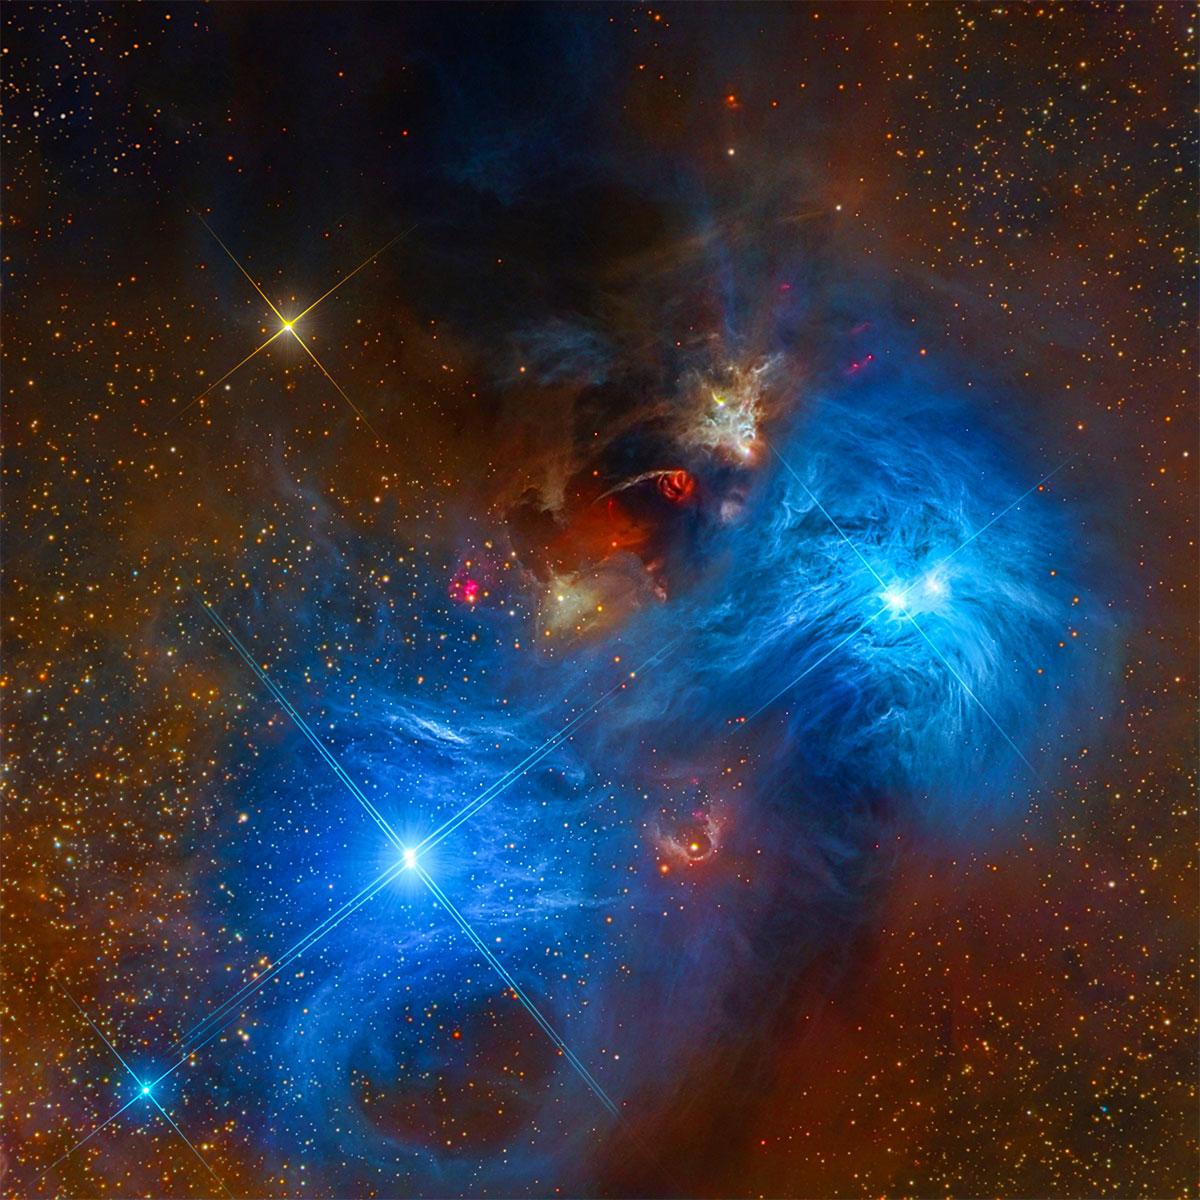 NGC 6726 and NGC 6727